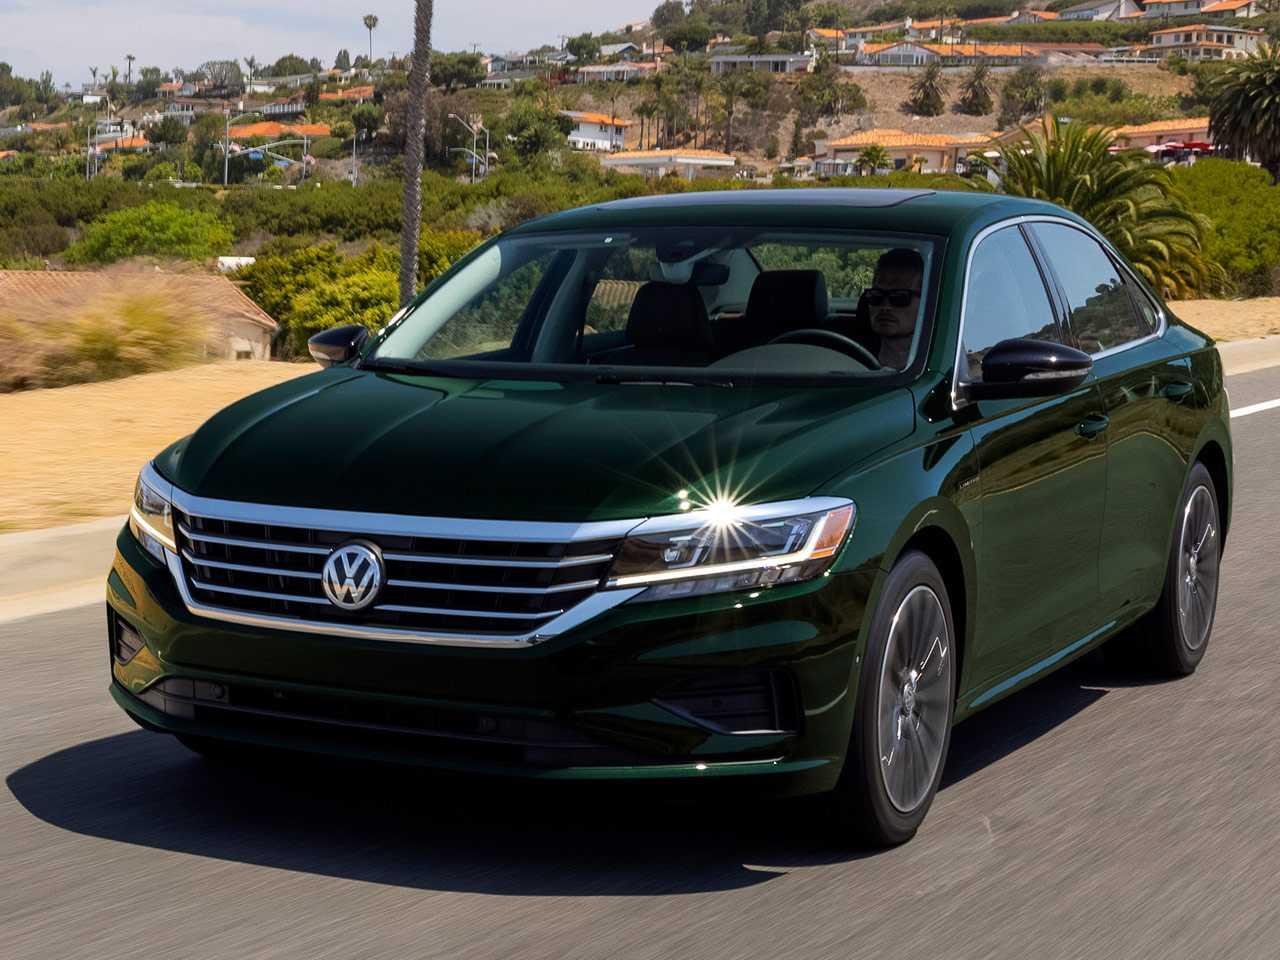 VW Passat Limited Edition